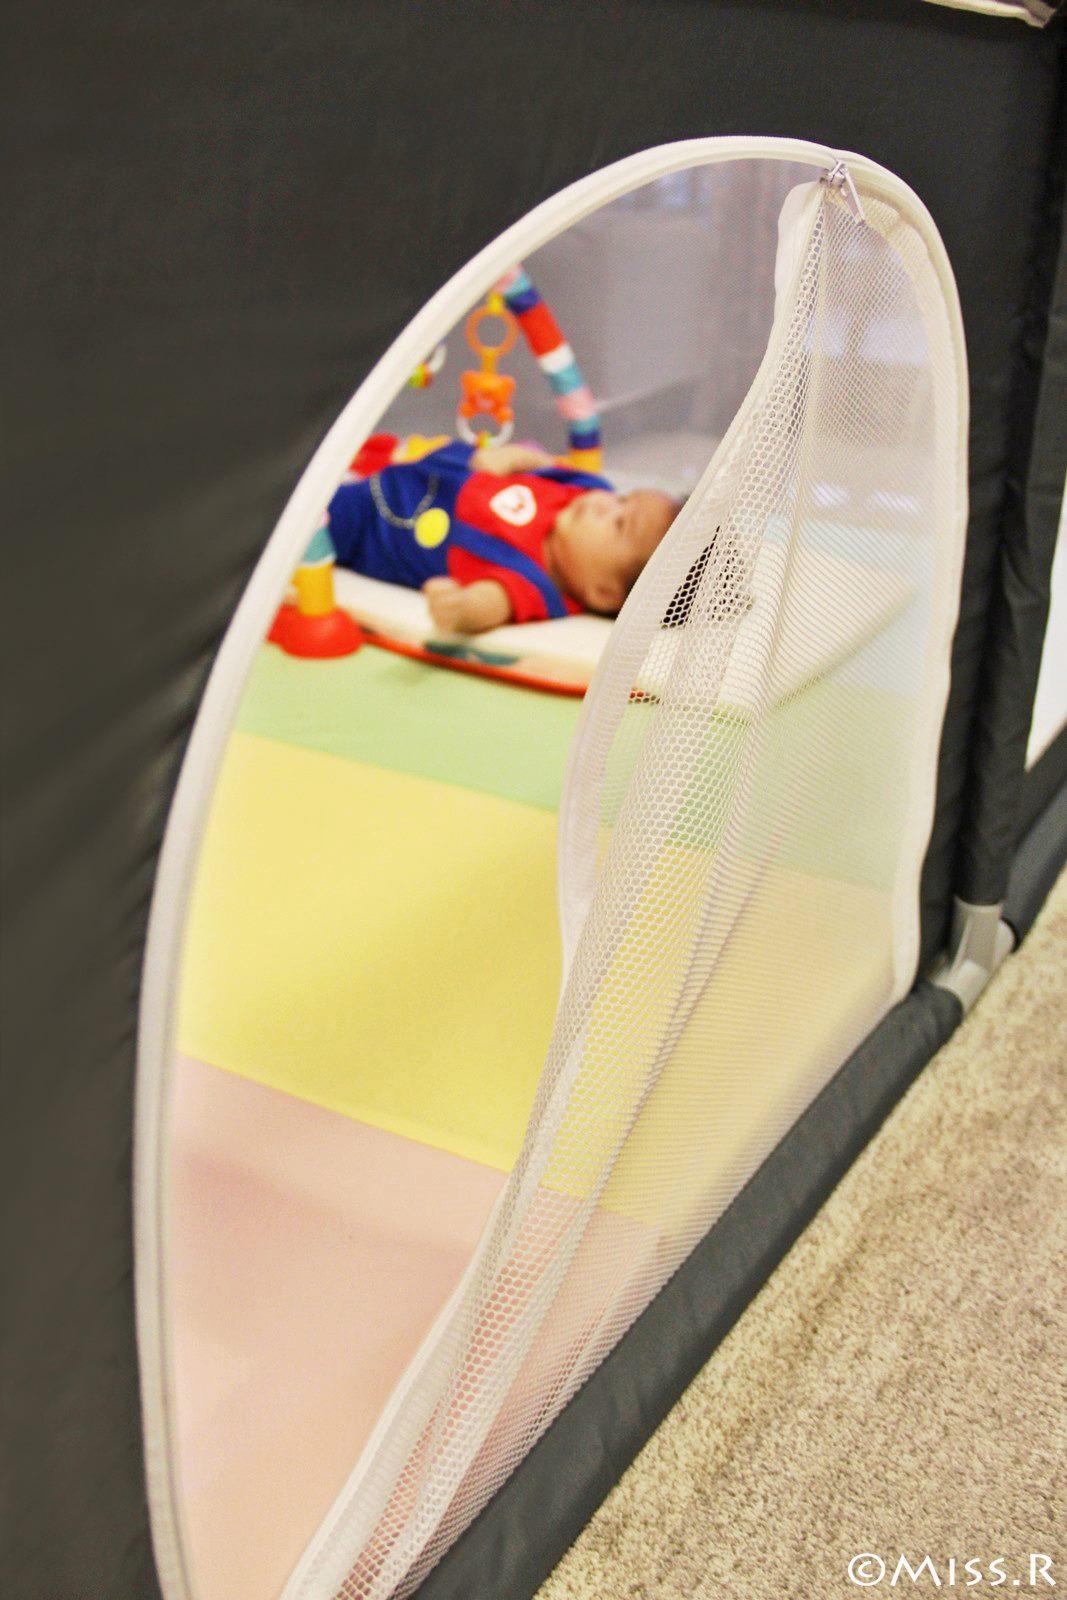 居家防疫,顧小孩神器,didi圍欄,圍欄推薦,兒童遊戲圍欄,DIDI,遊戲圍欄,遊戲地墊,遊戲床,遊戲護欄,遊戲空間,嬰兒用品,嬰兒地墊,地墊推薦,mit地墊,布圍欄